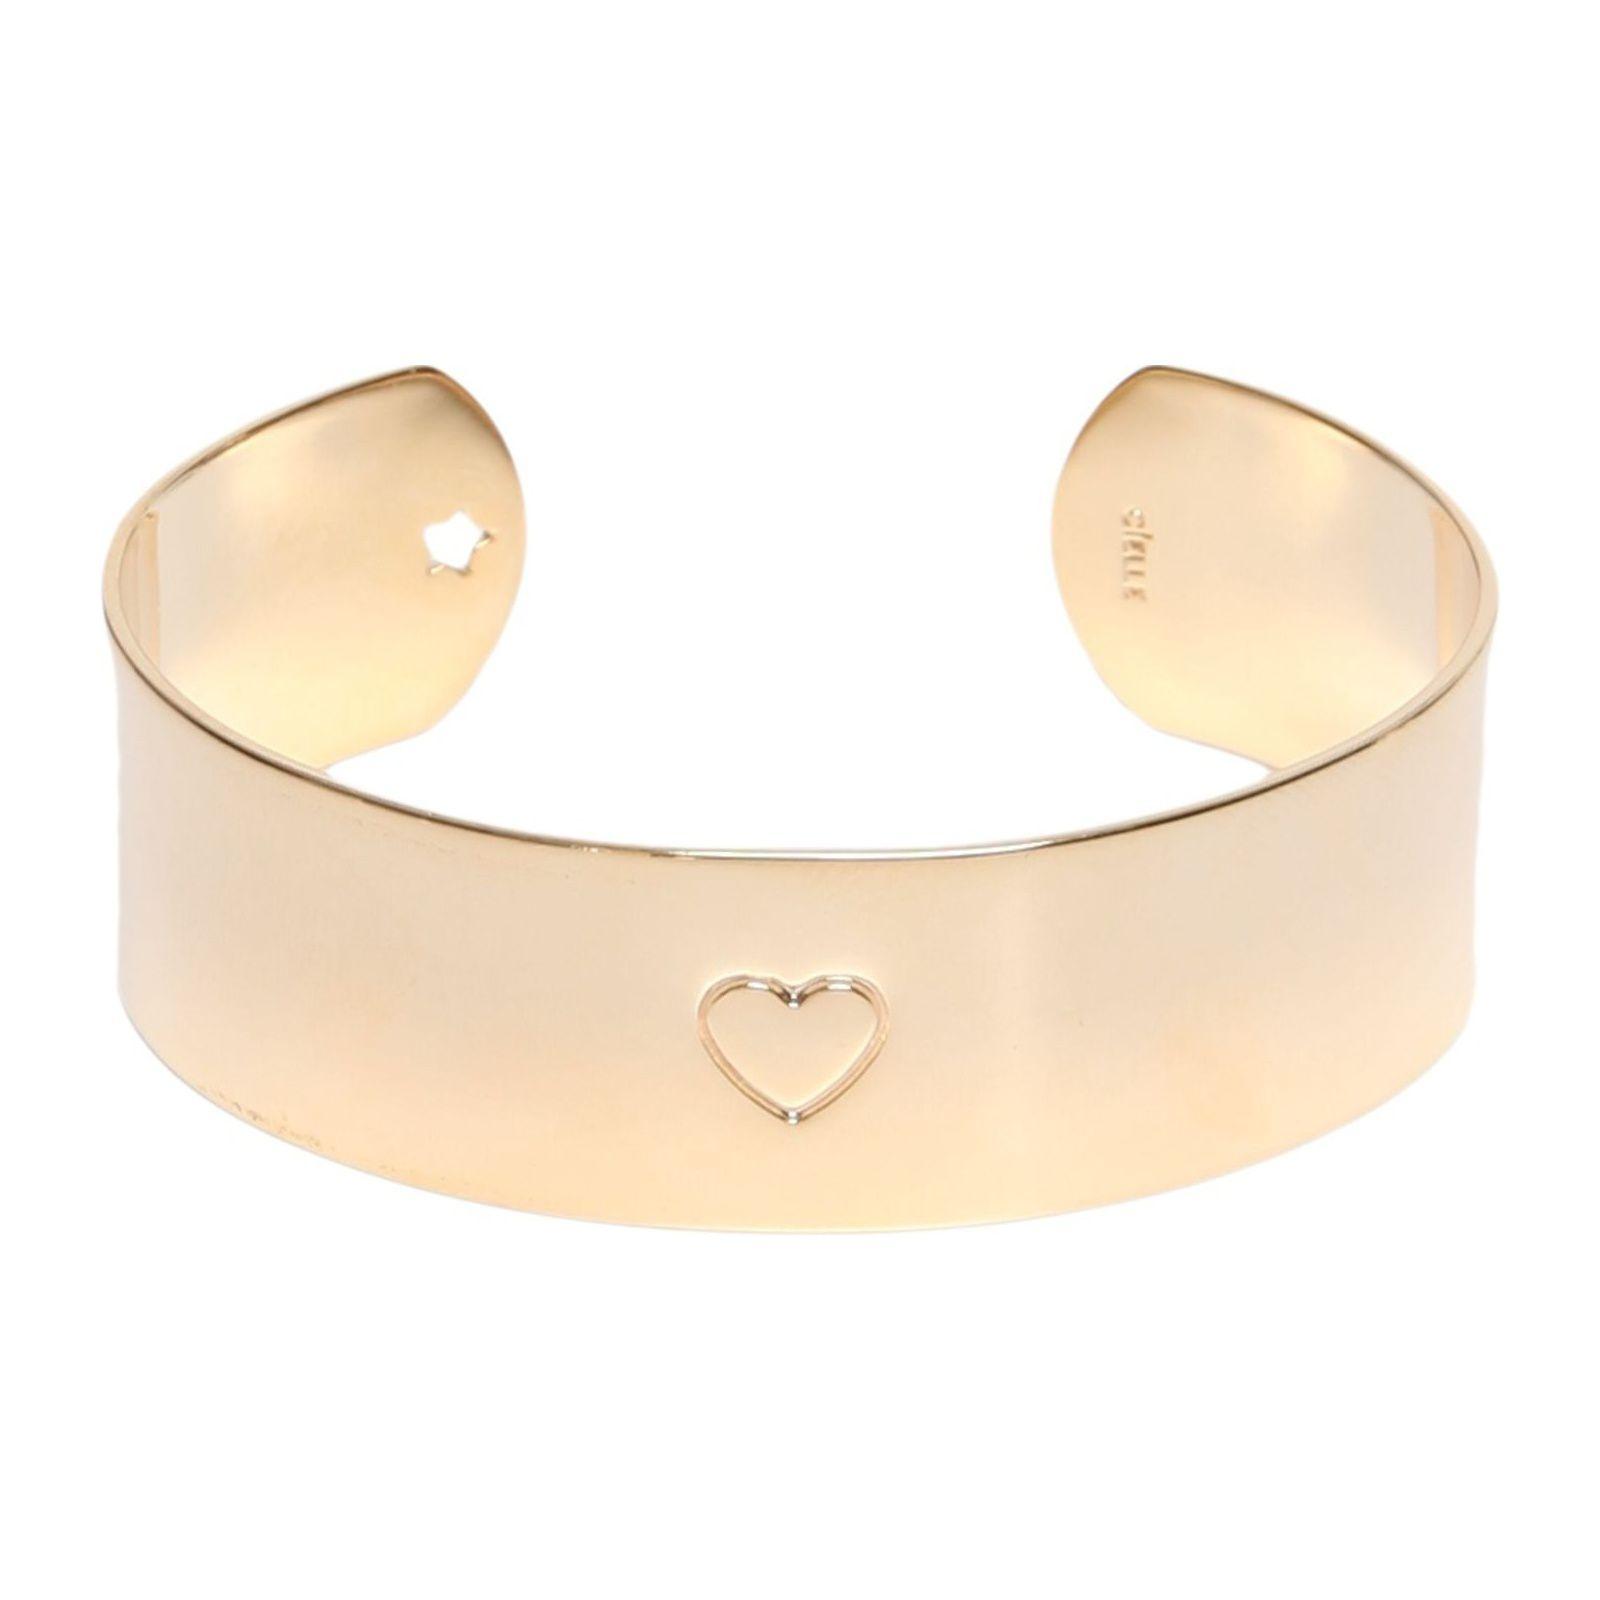 Bracelete Shine Coraçao - Dourado